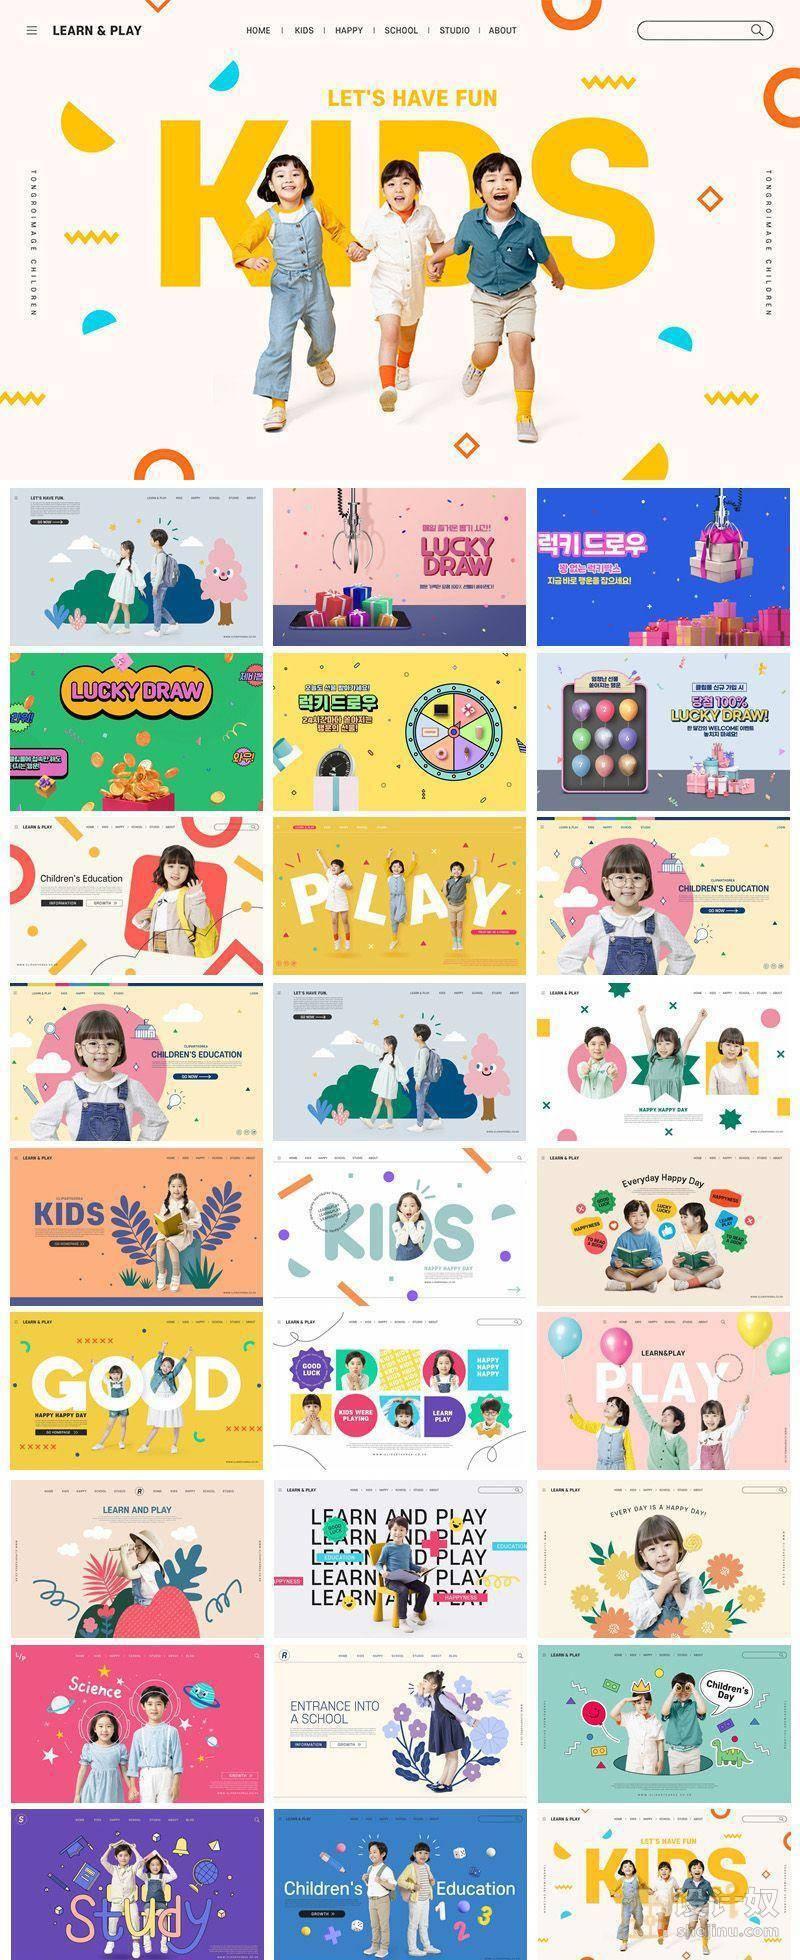 精选49款儿童教育辅导培训机构招生宣传海报模板【PSD】